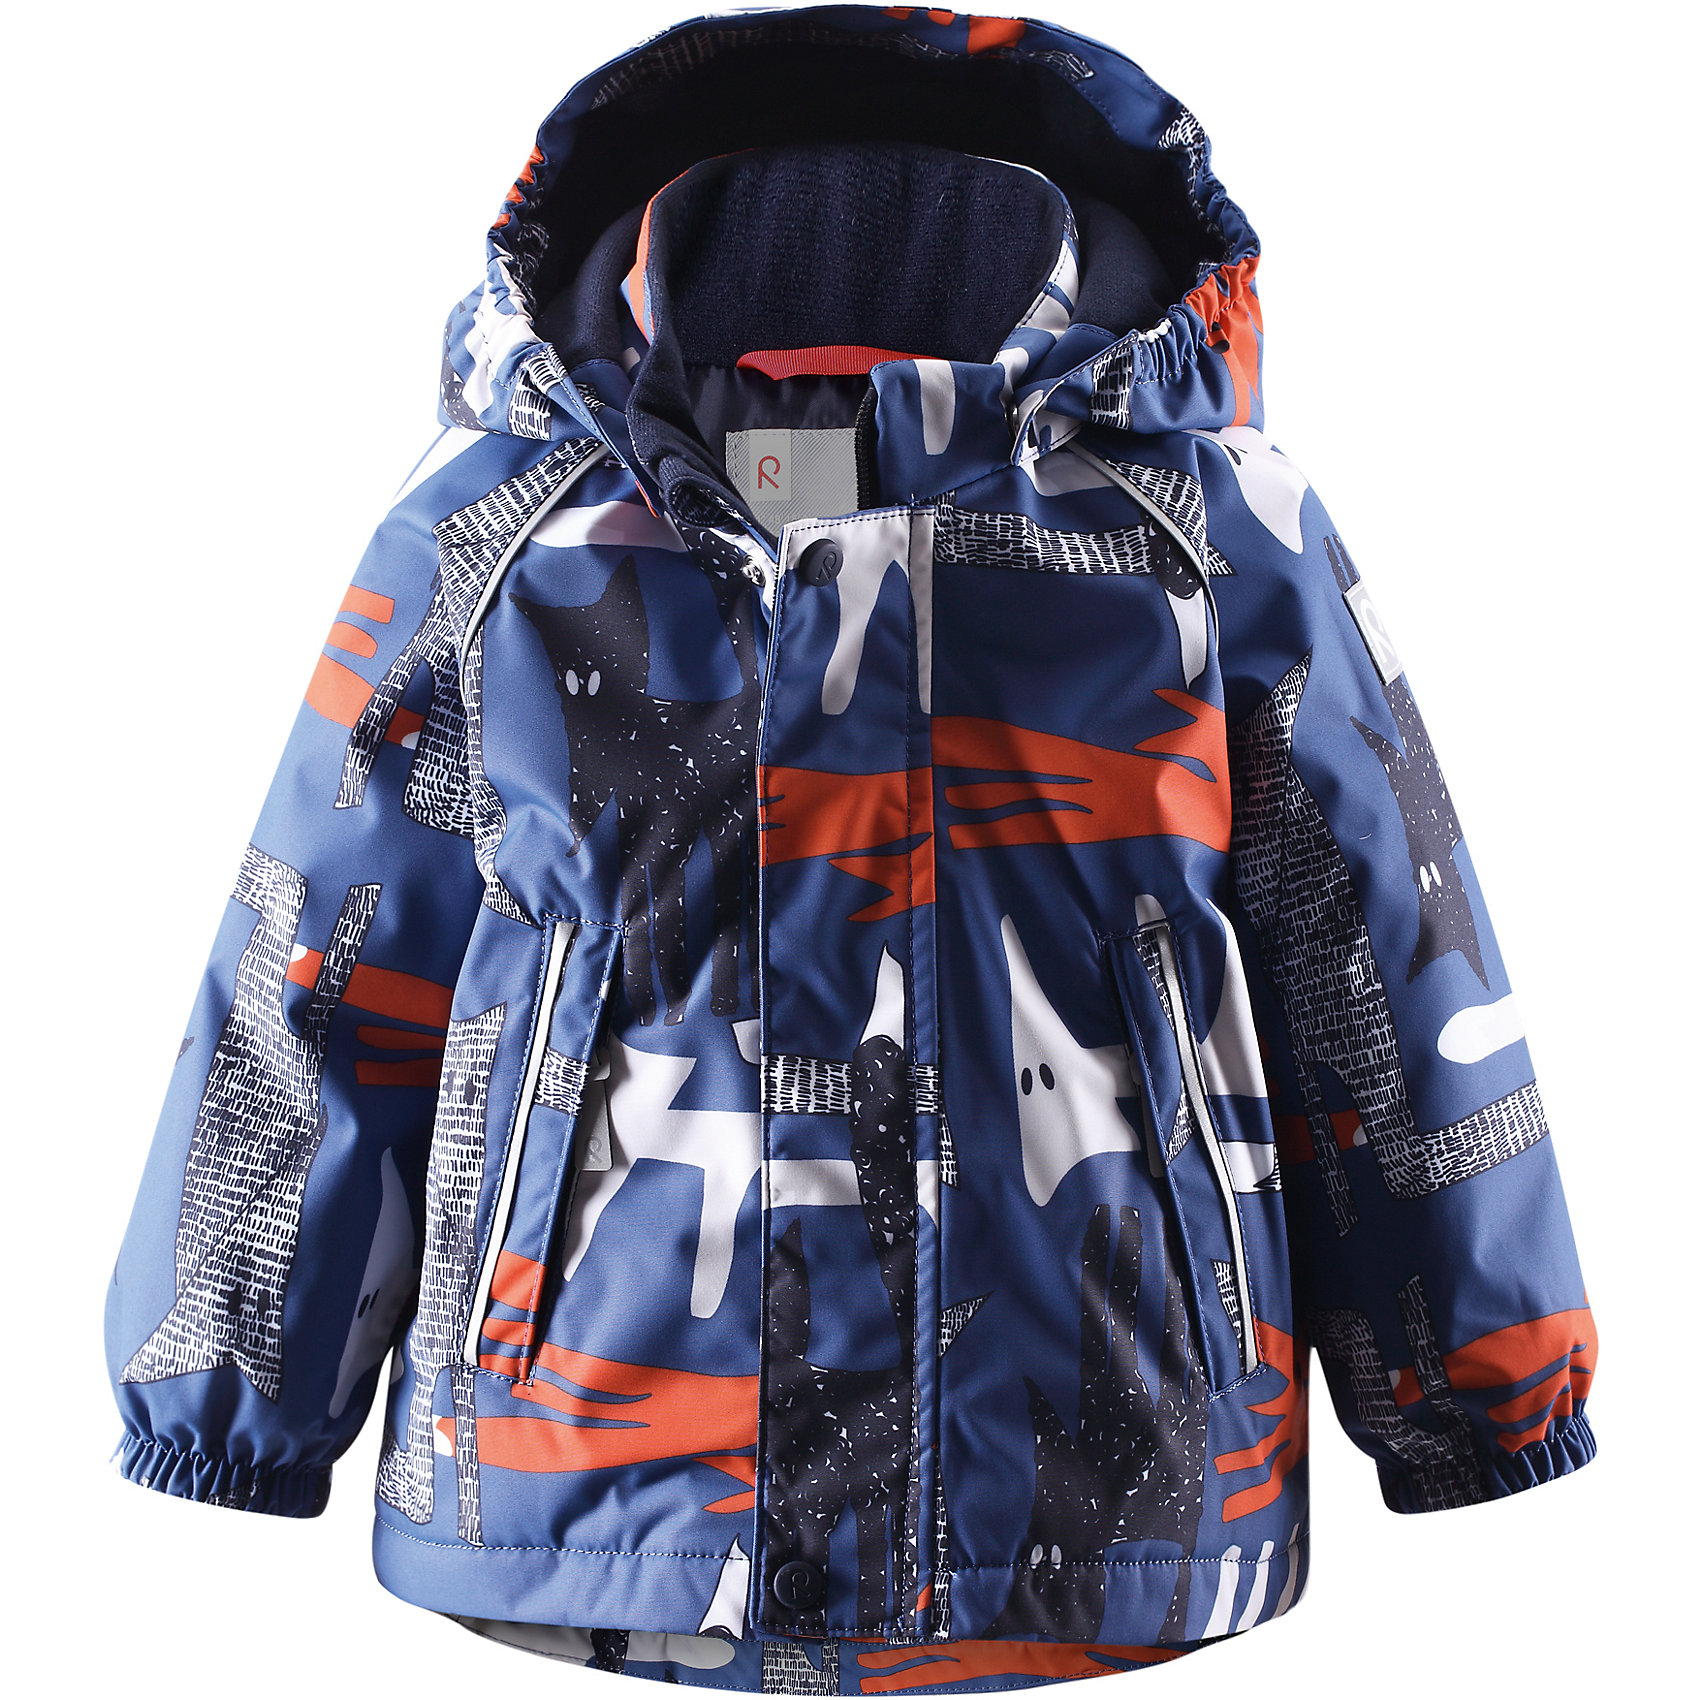 Куртка для мальчика Reimatec® ReimaХитрые лисички спрятались в каждой прелестной курточке для малышей! Водонепроницаемая зимняя мембранная куртка для малышей с весёлым принтом просто создана для зимних развлечений! Водонепроницаемая зимняя куртка пошита из ветронепроницаемого, пропускающего воздух материала, который отталкивает грязь и влагу. Все швы куртки от Reimatec® (Рейматек) проклеены, водонепроницаемы, чтобы никакая погода не смогла помешать весёлым зимним приключениям! Ткань пропускает воздух, поэтому ребёнок не вспотеет, как бы быстро он ни двигался. Чтобы куртка легко одевалась и удобно носилась с тёплым промежуточным слоем, она имеет подкладку из гладкого полиэстера. Вы заметили, что к куртке можно легко пристегнуть многие из промежуточных слоёв Reima? Благодаря удобным кнопкам для пристегивания промежуточного слоя к верхней одежде по системе Playlayers®, многие флисовые кофты можно пристегнуть к куртке, чтобы малышу было теплее и комфортнее. Съёмный и регулируемый капюшон не только защищает от холодного ветра, но и безопасен во время игр на свежем воздухе! Если закреплённый кнопками капюшон зацепится за что-нибудь, он легко отстегнётся. Капюшон отделан мягким полиэстером с начёсом. Когда пойдёте гулять, в карманы на молниях можно положить крошечные сокровища, а светоотражающие детали обеспечат видимость в темноте. Эта куртка не требует особого ухода. Можно сушить в центрифуге.<br><br>Водонепроницаемая зимняя куртка для малышей<br>Все швы проклеены, водонепроницаемы<br>Безопасный съёмный капюшон<br>Два кармана на молниях<br>Светоотражающие детали для безопасности<br>Состав:<br>100% ПЭ, ПУ-покрытие<br>Средняя степень утепления (до - 20)<br><br>Куртку Reimatec® (Рейматек) Reima (Рейма) можно купить в нашем магазине.<br><br>Ширина мм: 356<br>Глубина мм: 10<br>Высота мм: 245<br>Вес г: 519<br>Цвет: голубой<br>Возраст от месяцев: 24<br>Возраст до месяцев: 36<br>Пол: Мужской<br>Возраст: Детский<br>Размер: 98,92,80,74,86<br>SKU: 4208113